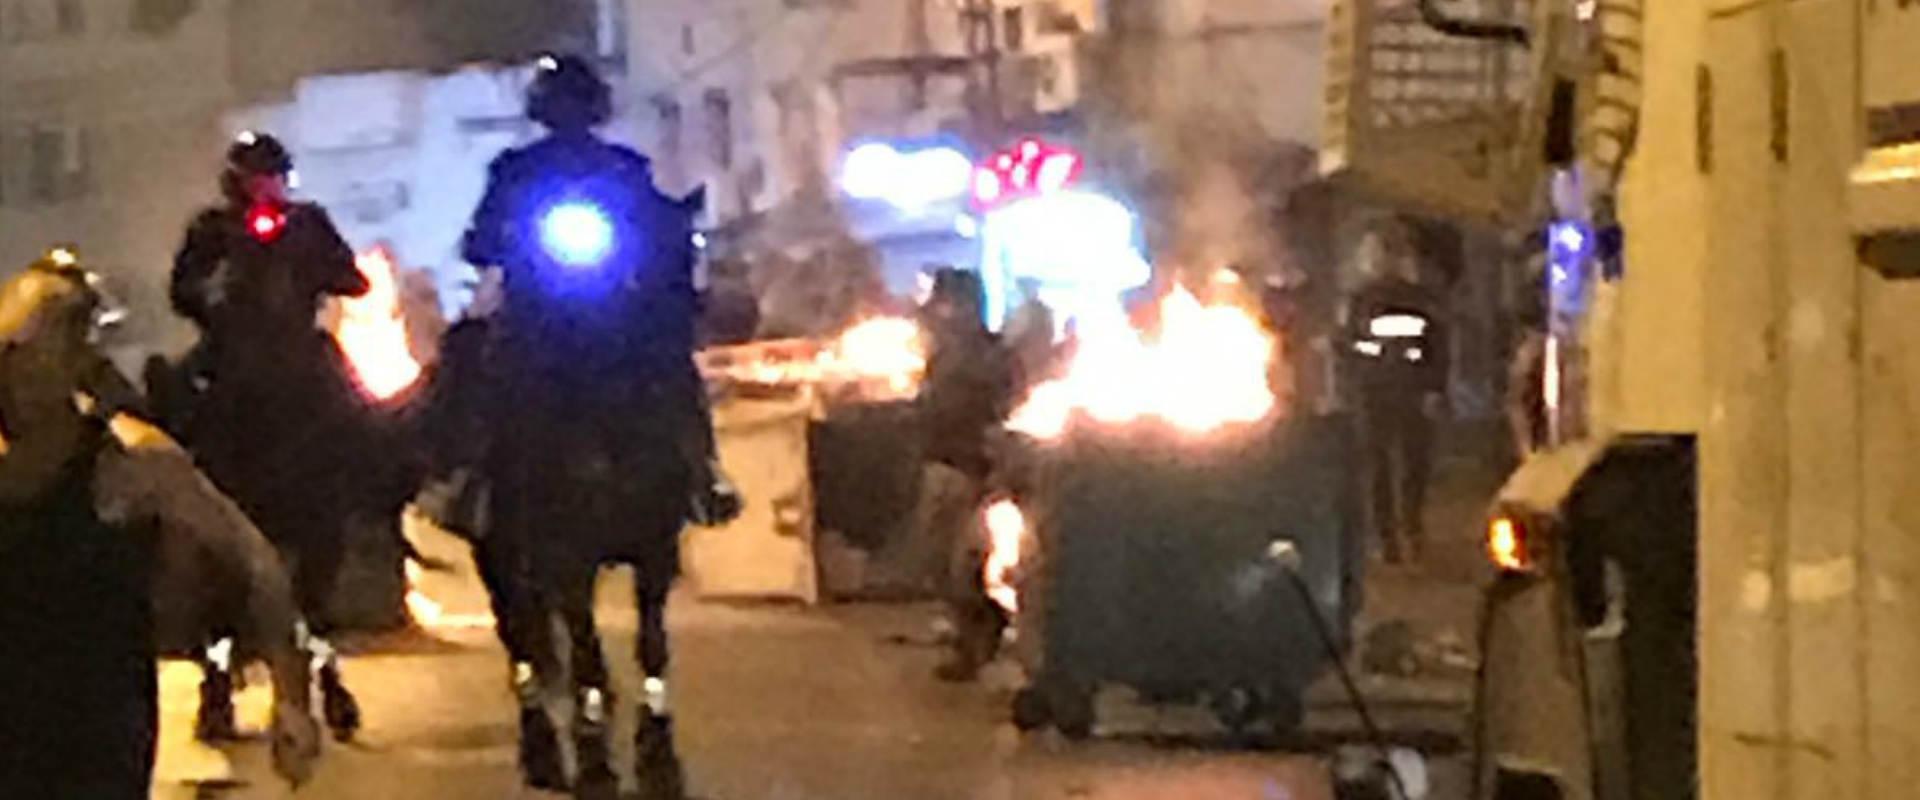 כוחות משטרה באזור המהומות ברחוב יפת ביפו